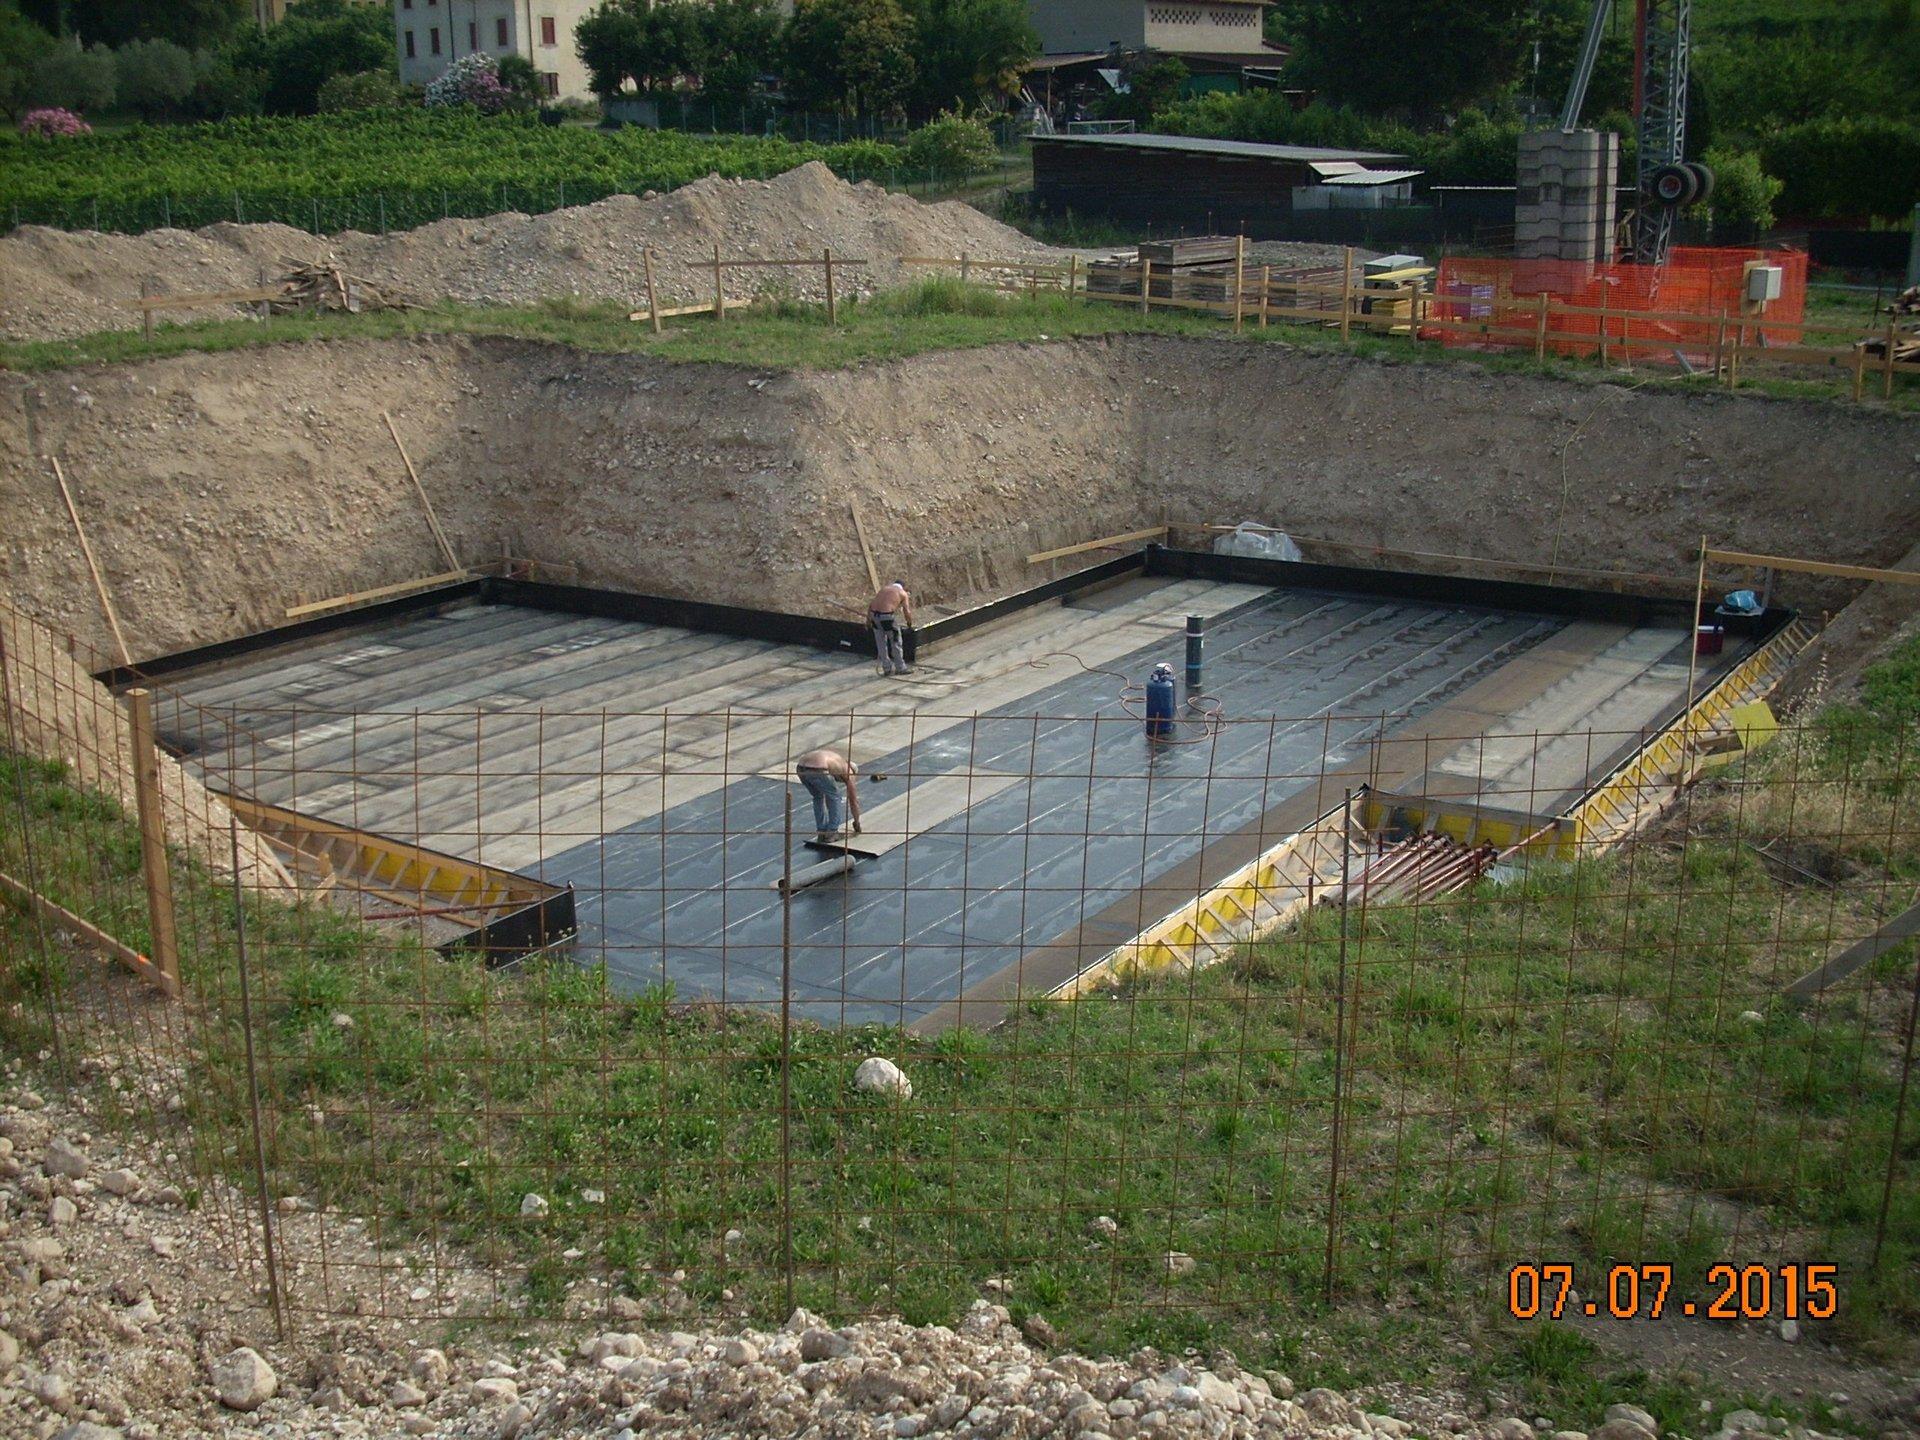 uomini al lavoro in un piccolo cantiere mentre stendono degli strati impermeabili